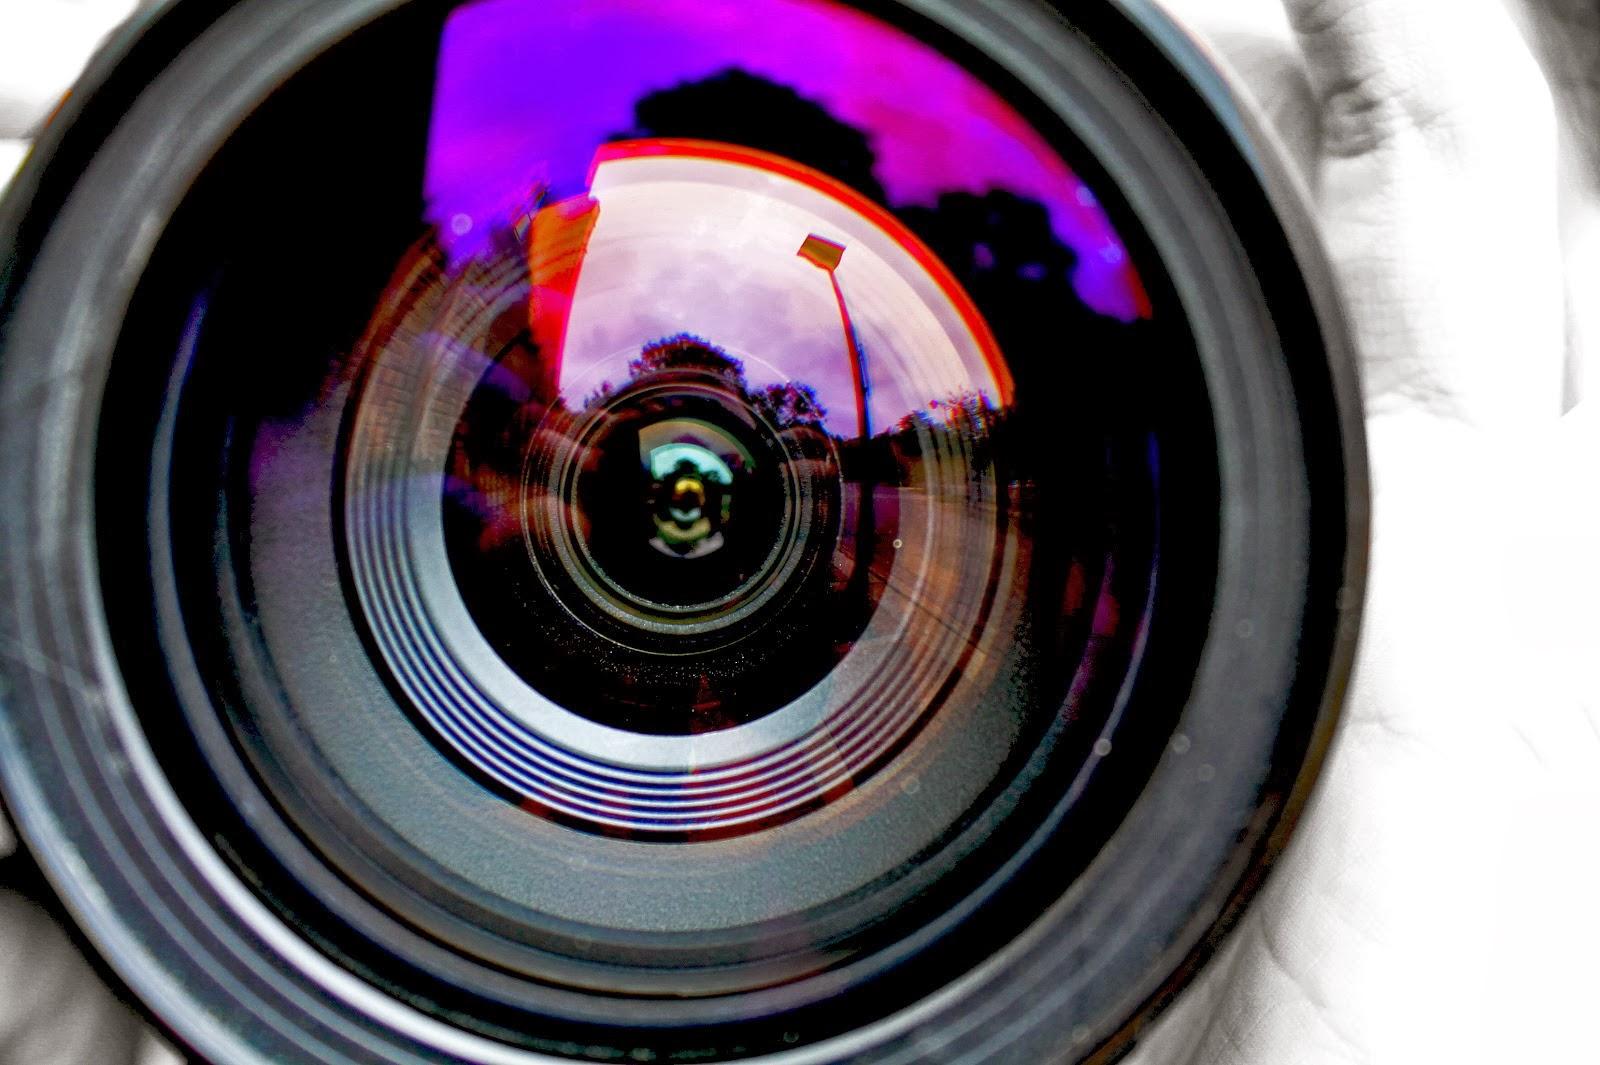 Film Camera Wallpaper